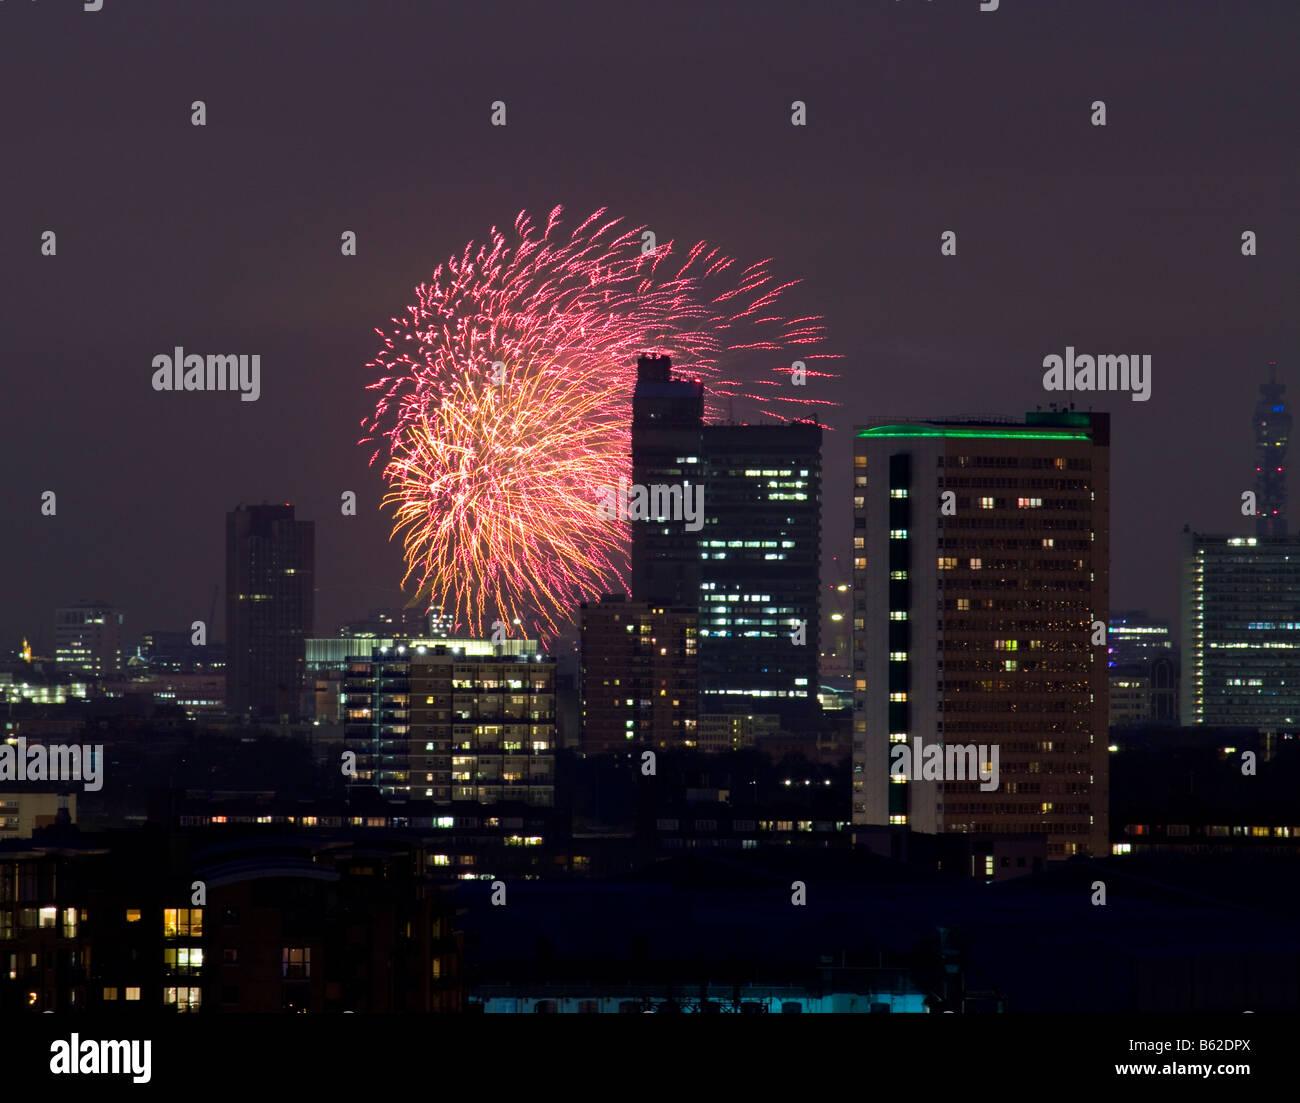 Feuerwerk und die Skyline von London in der Nacht Stockbild